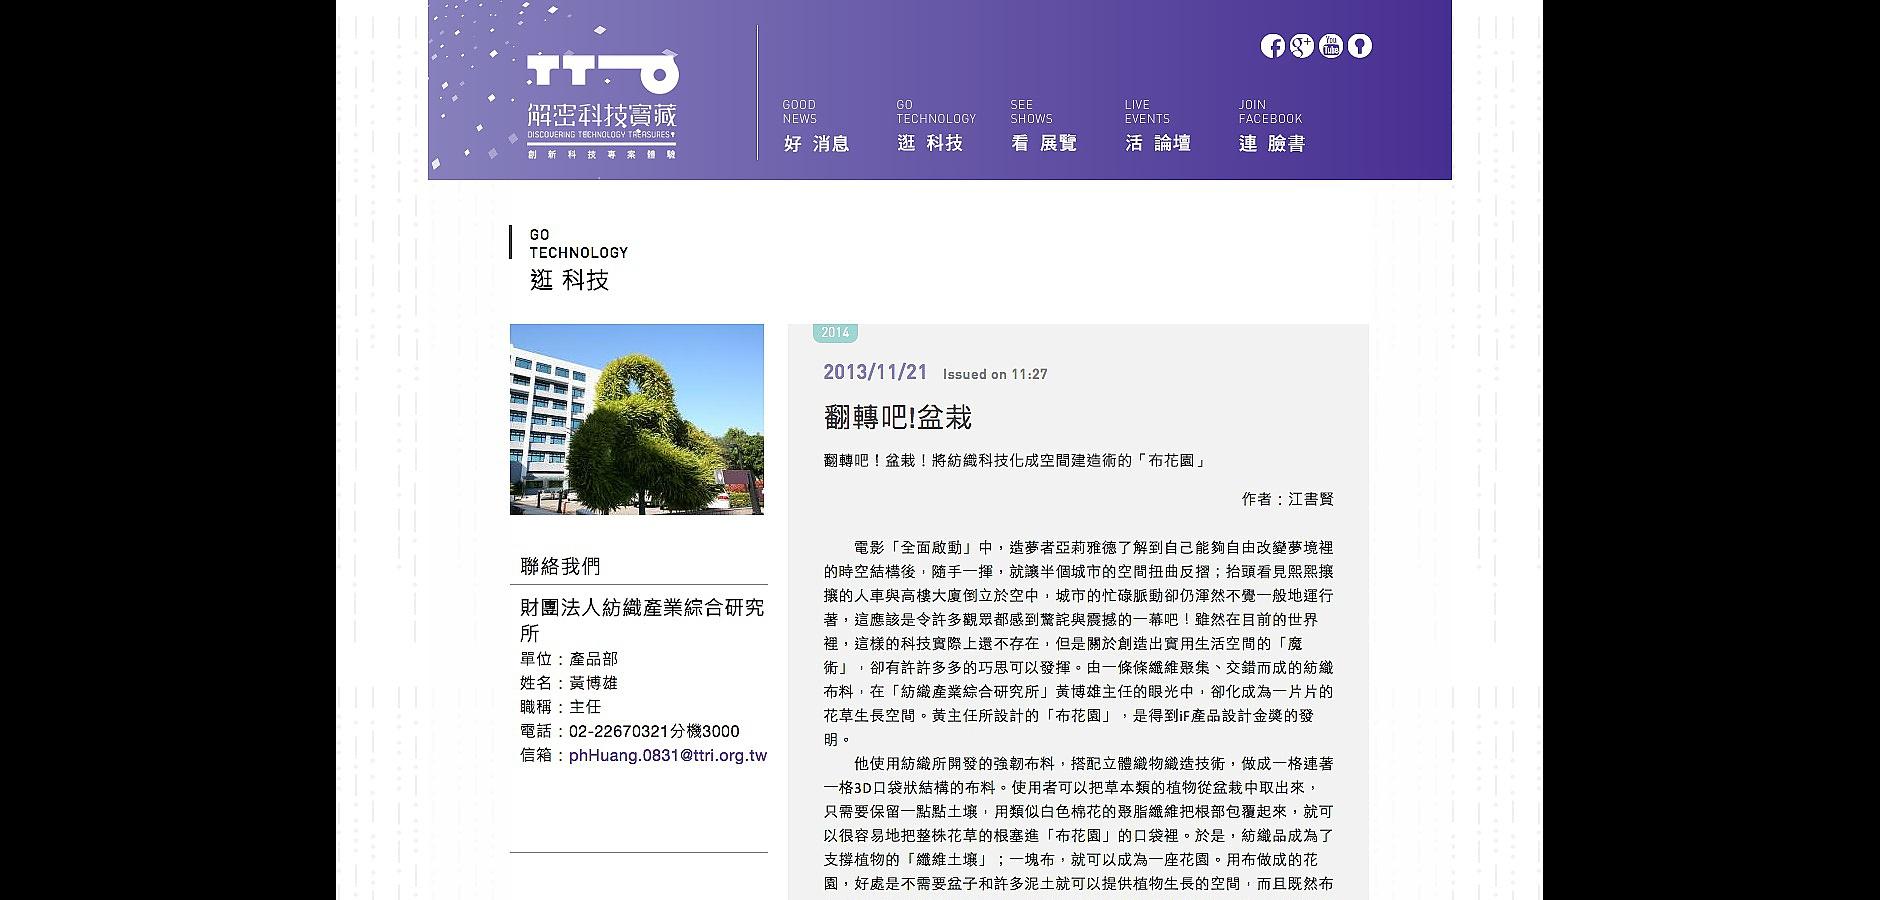 官方網站新版技術頁面